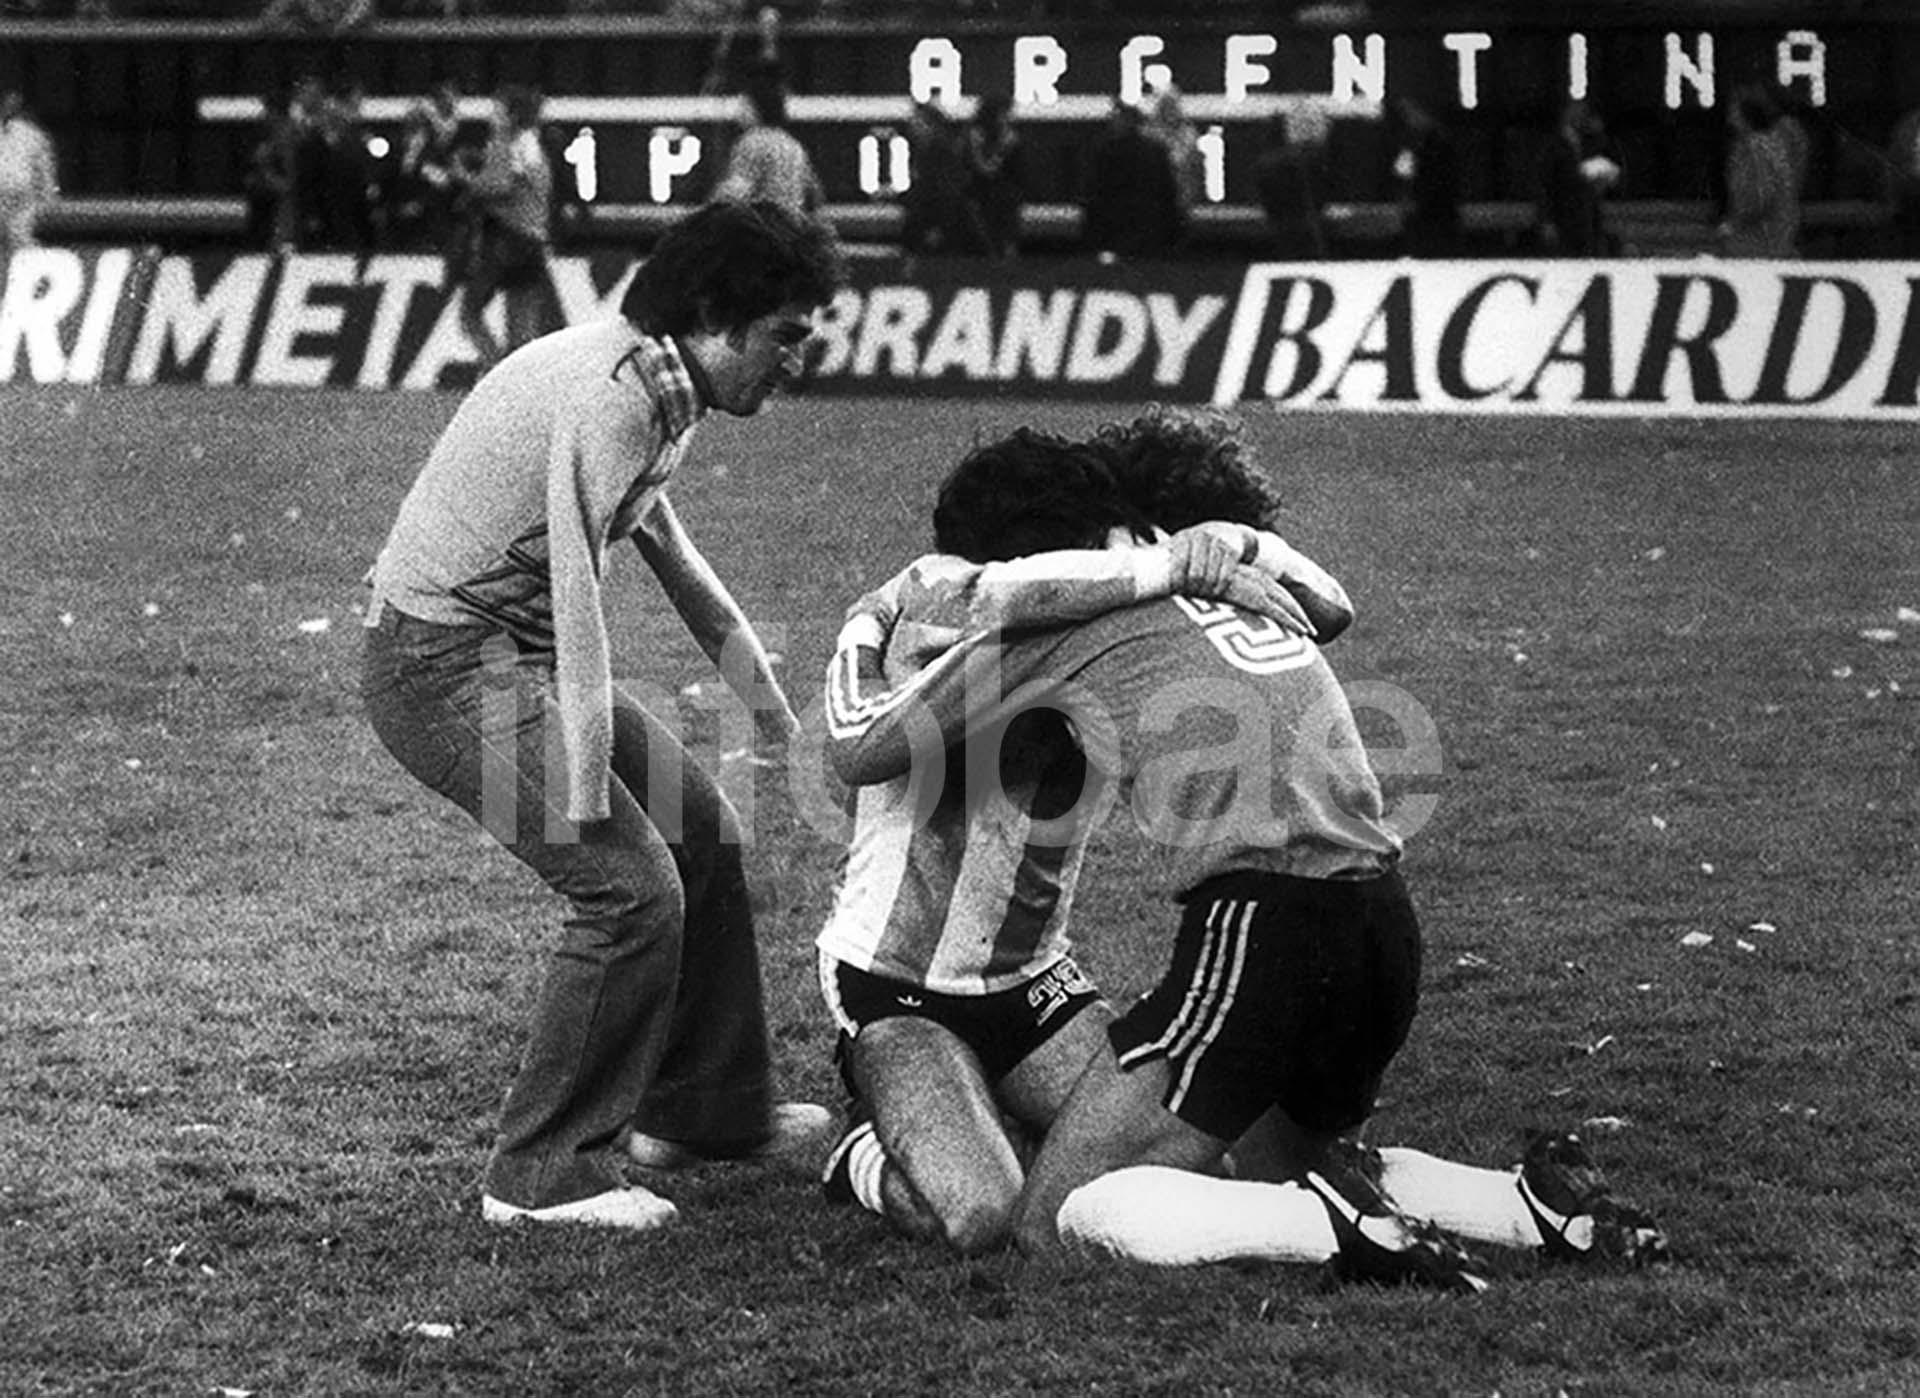 El abrazo del alma, la foto icónica en la Victor Dell'Aquila festeja la consagración de Argentina en el Mundial de 1978 junto a Alberto Tarantini y Ubaldo Matildo Fillol